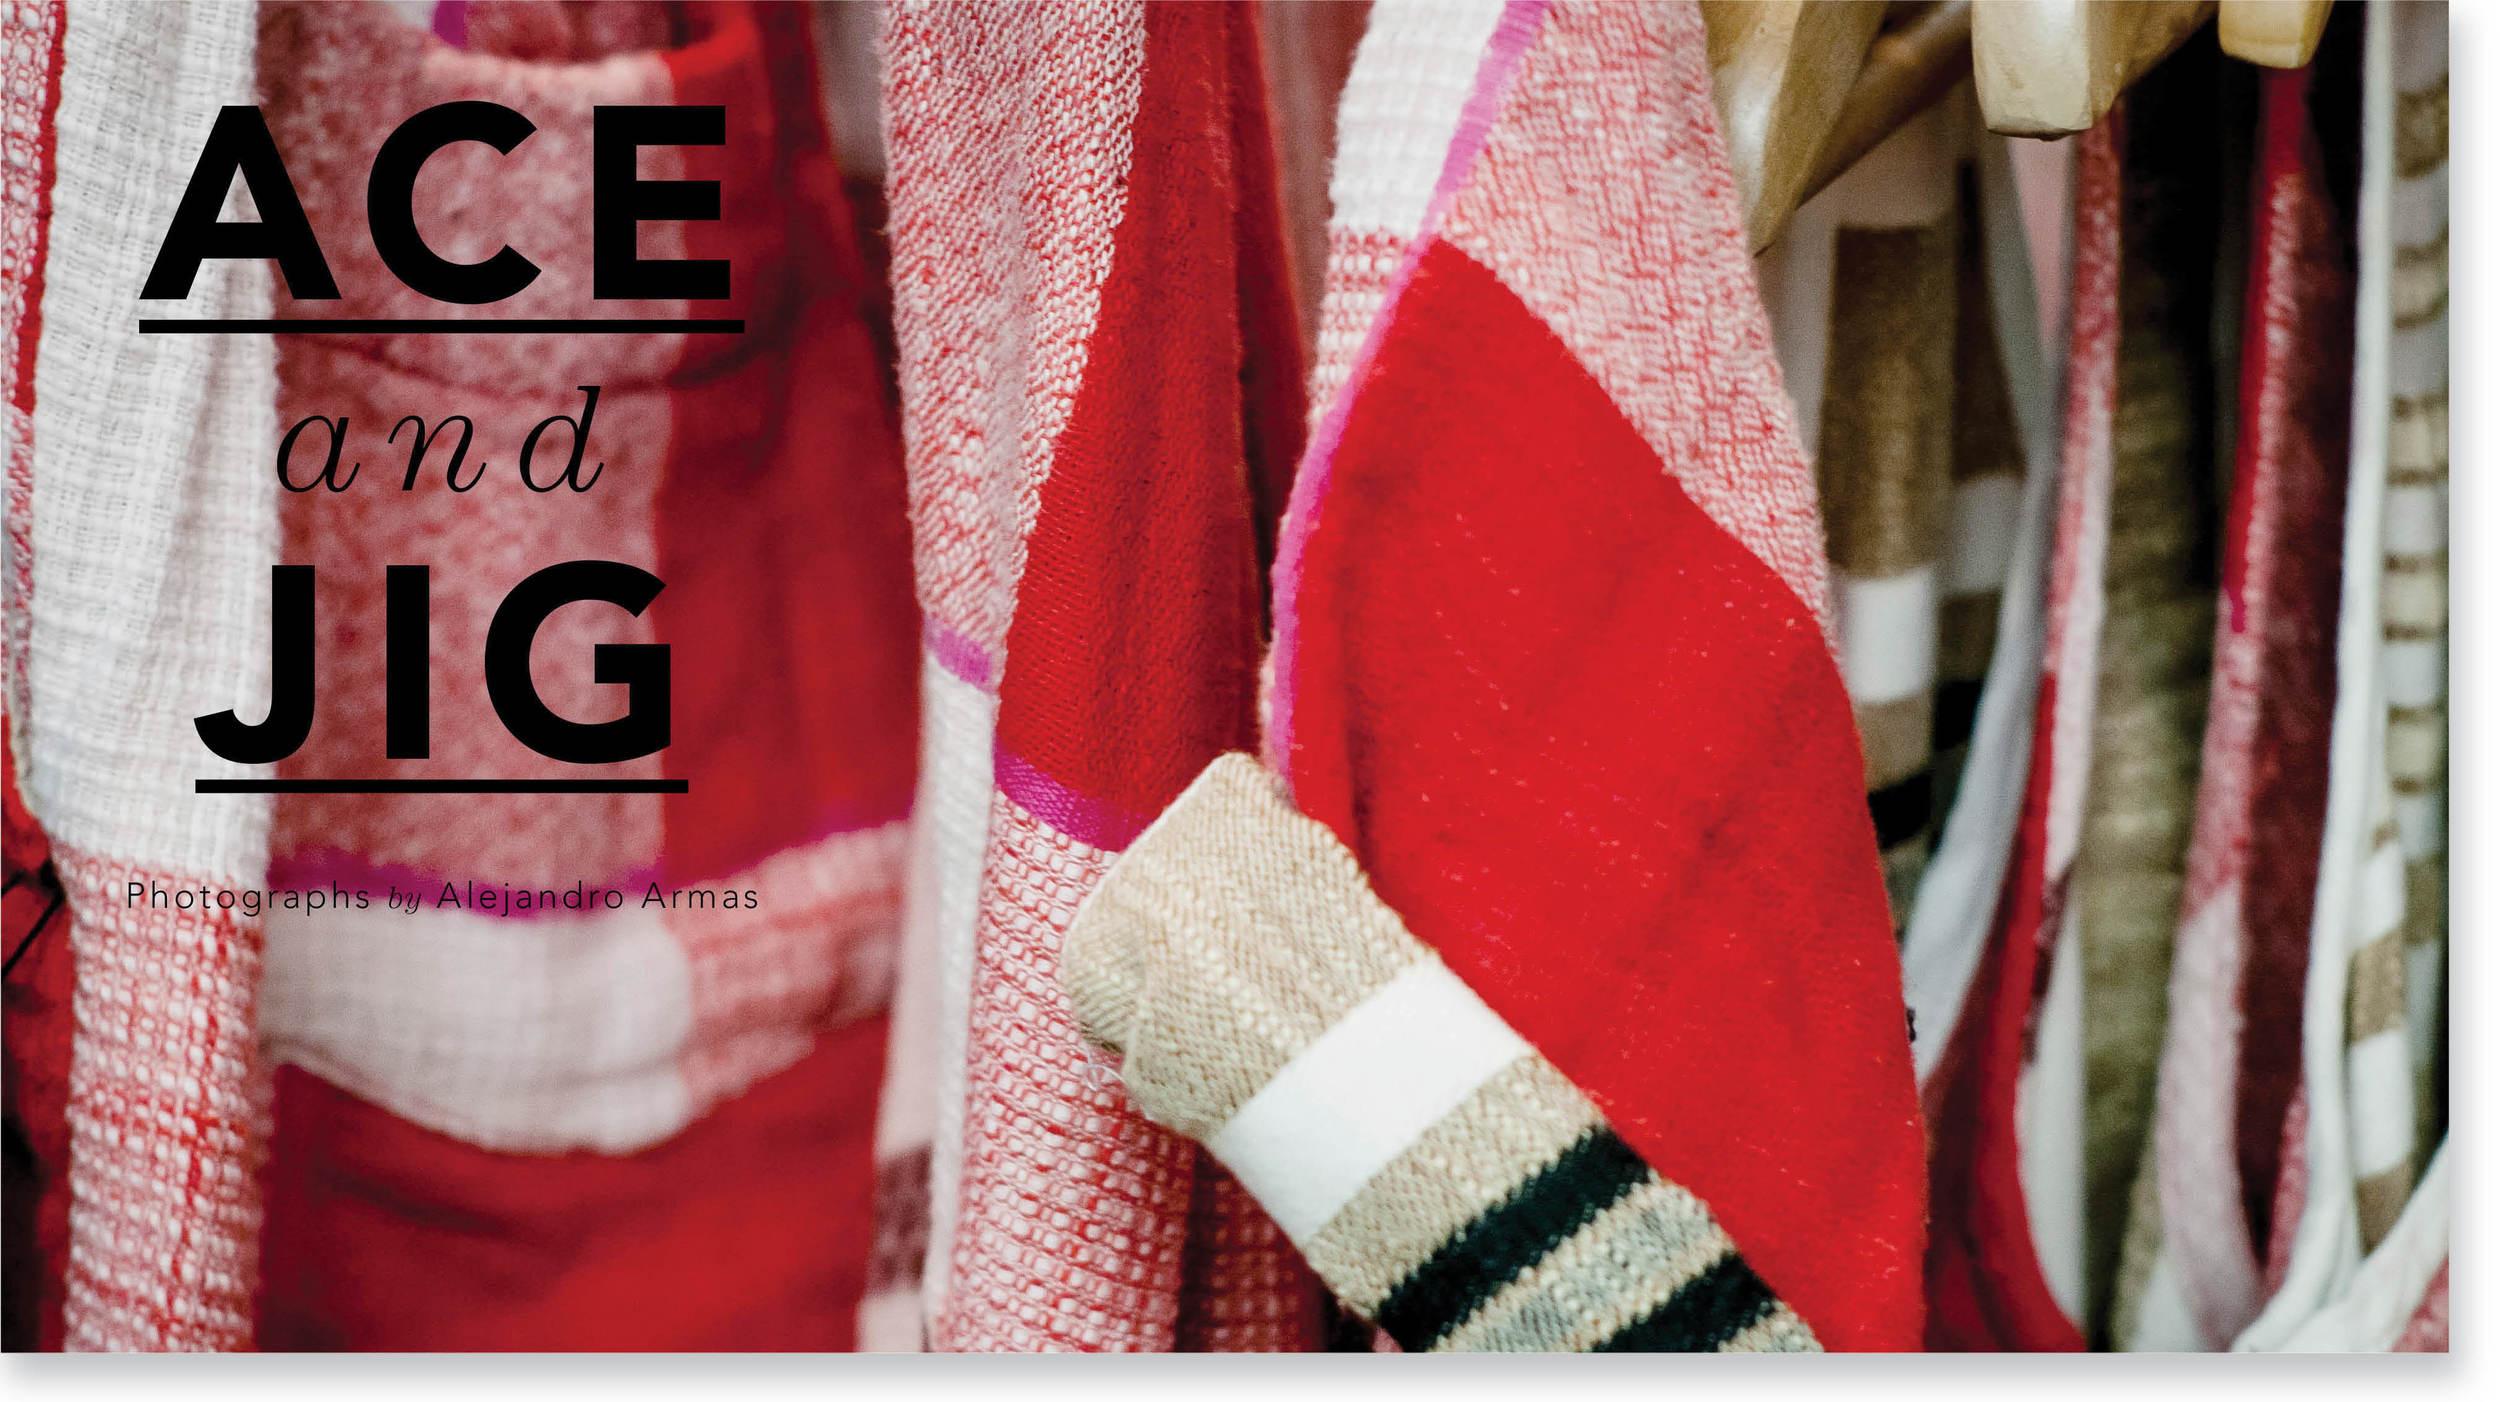 Ace Jig Cover.jpg